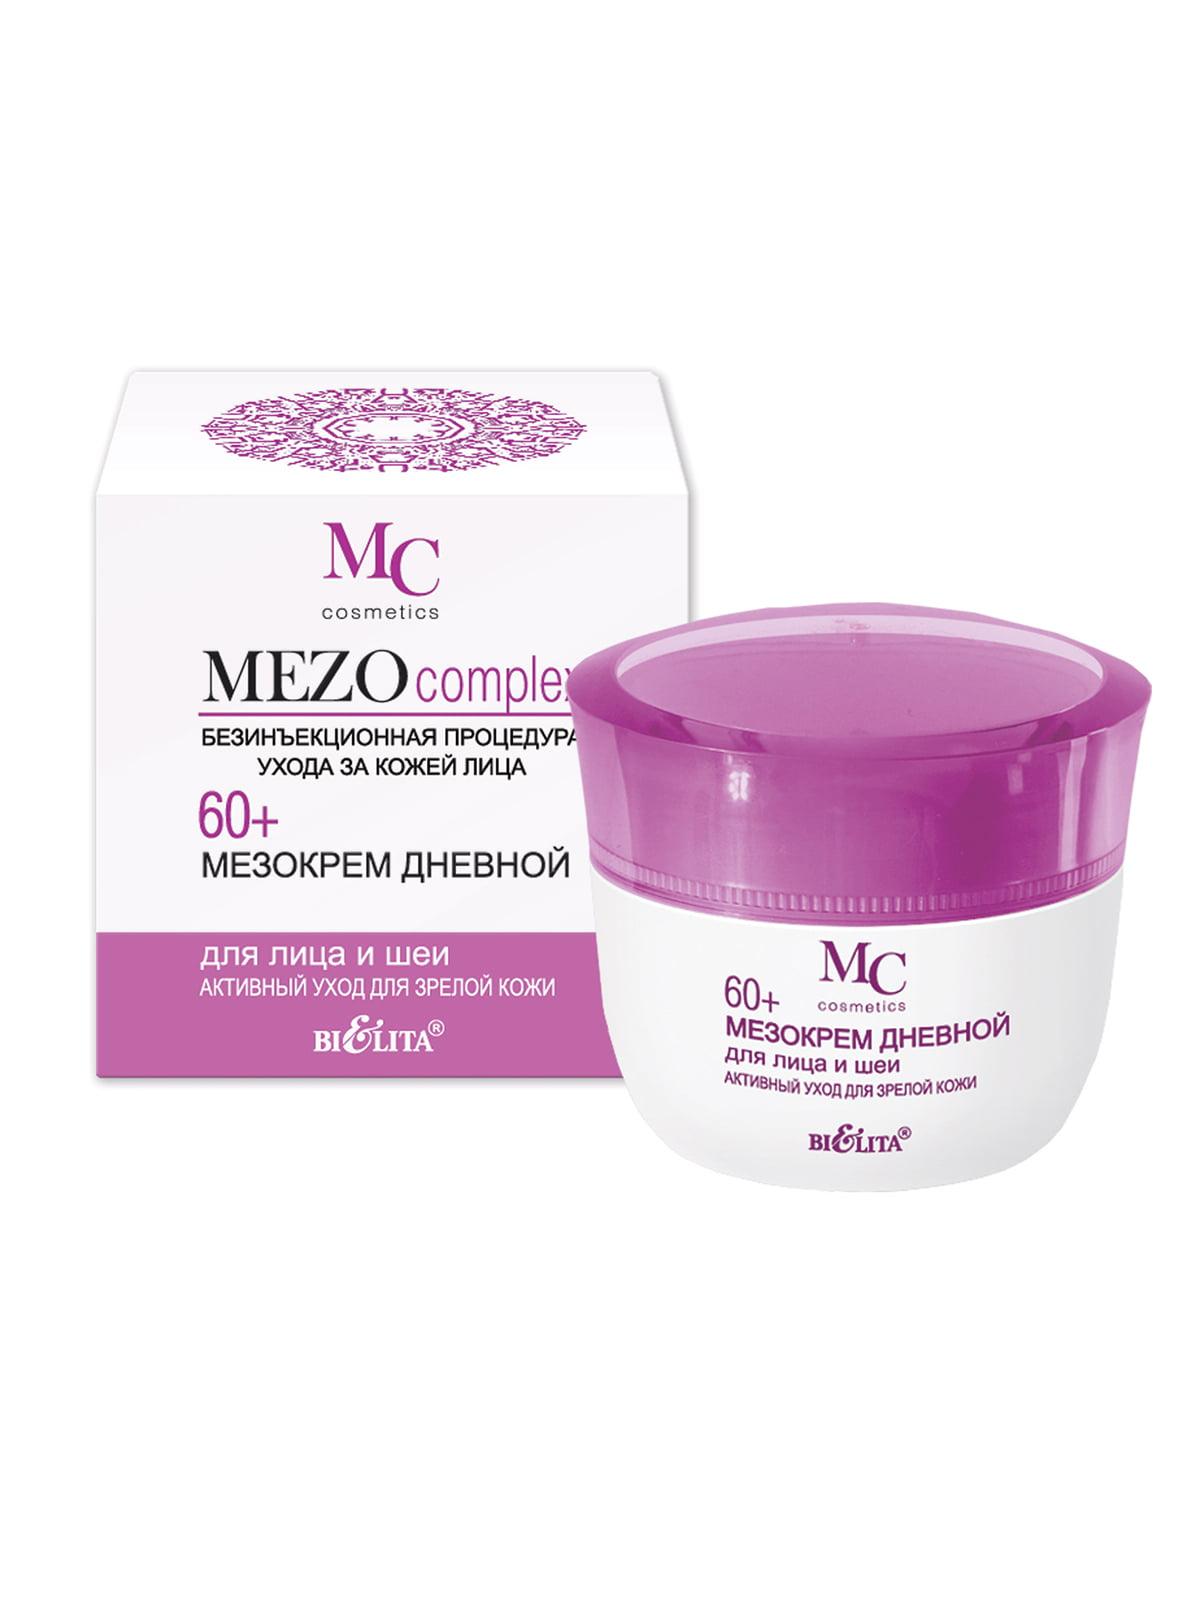 Мезокрем денний для обличчя та шиї «Активний догляд для зрілої шкіри» 60+ | 4977056